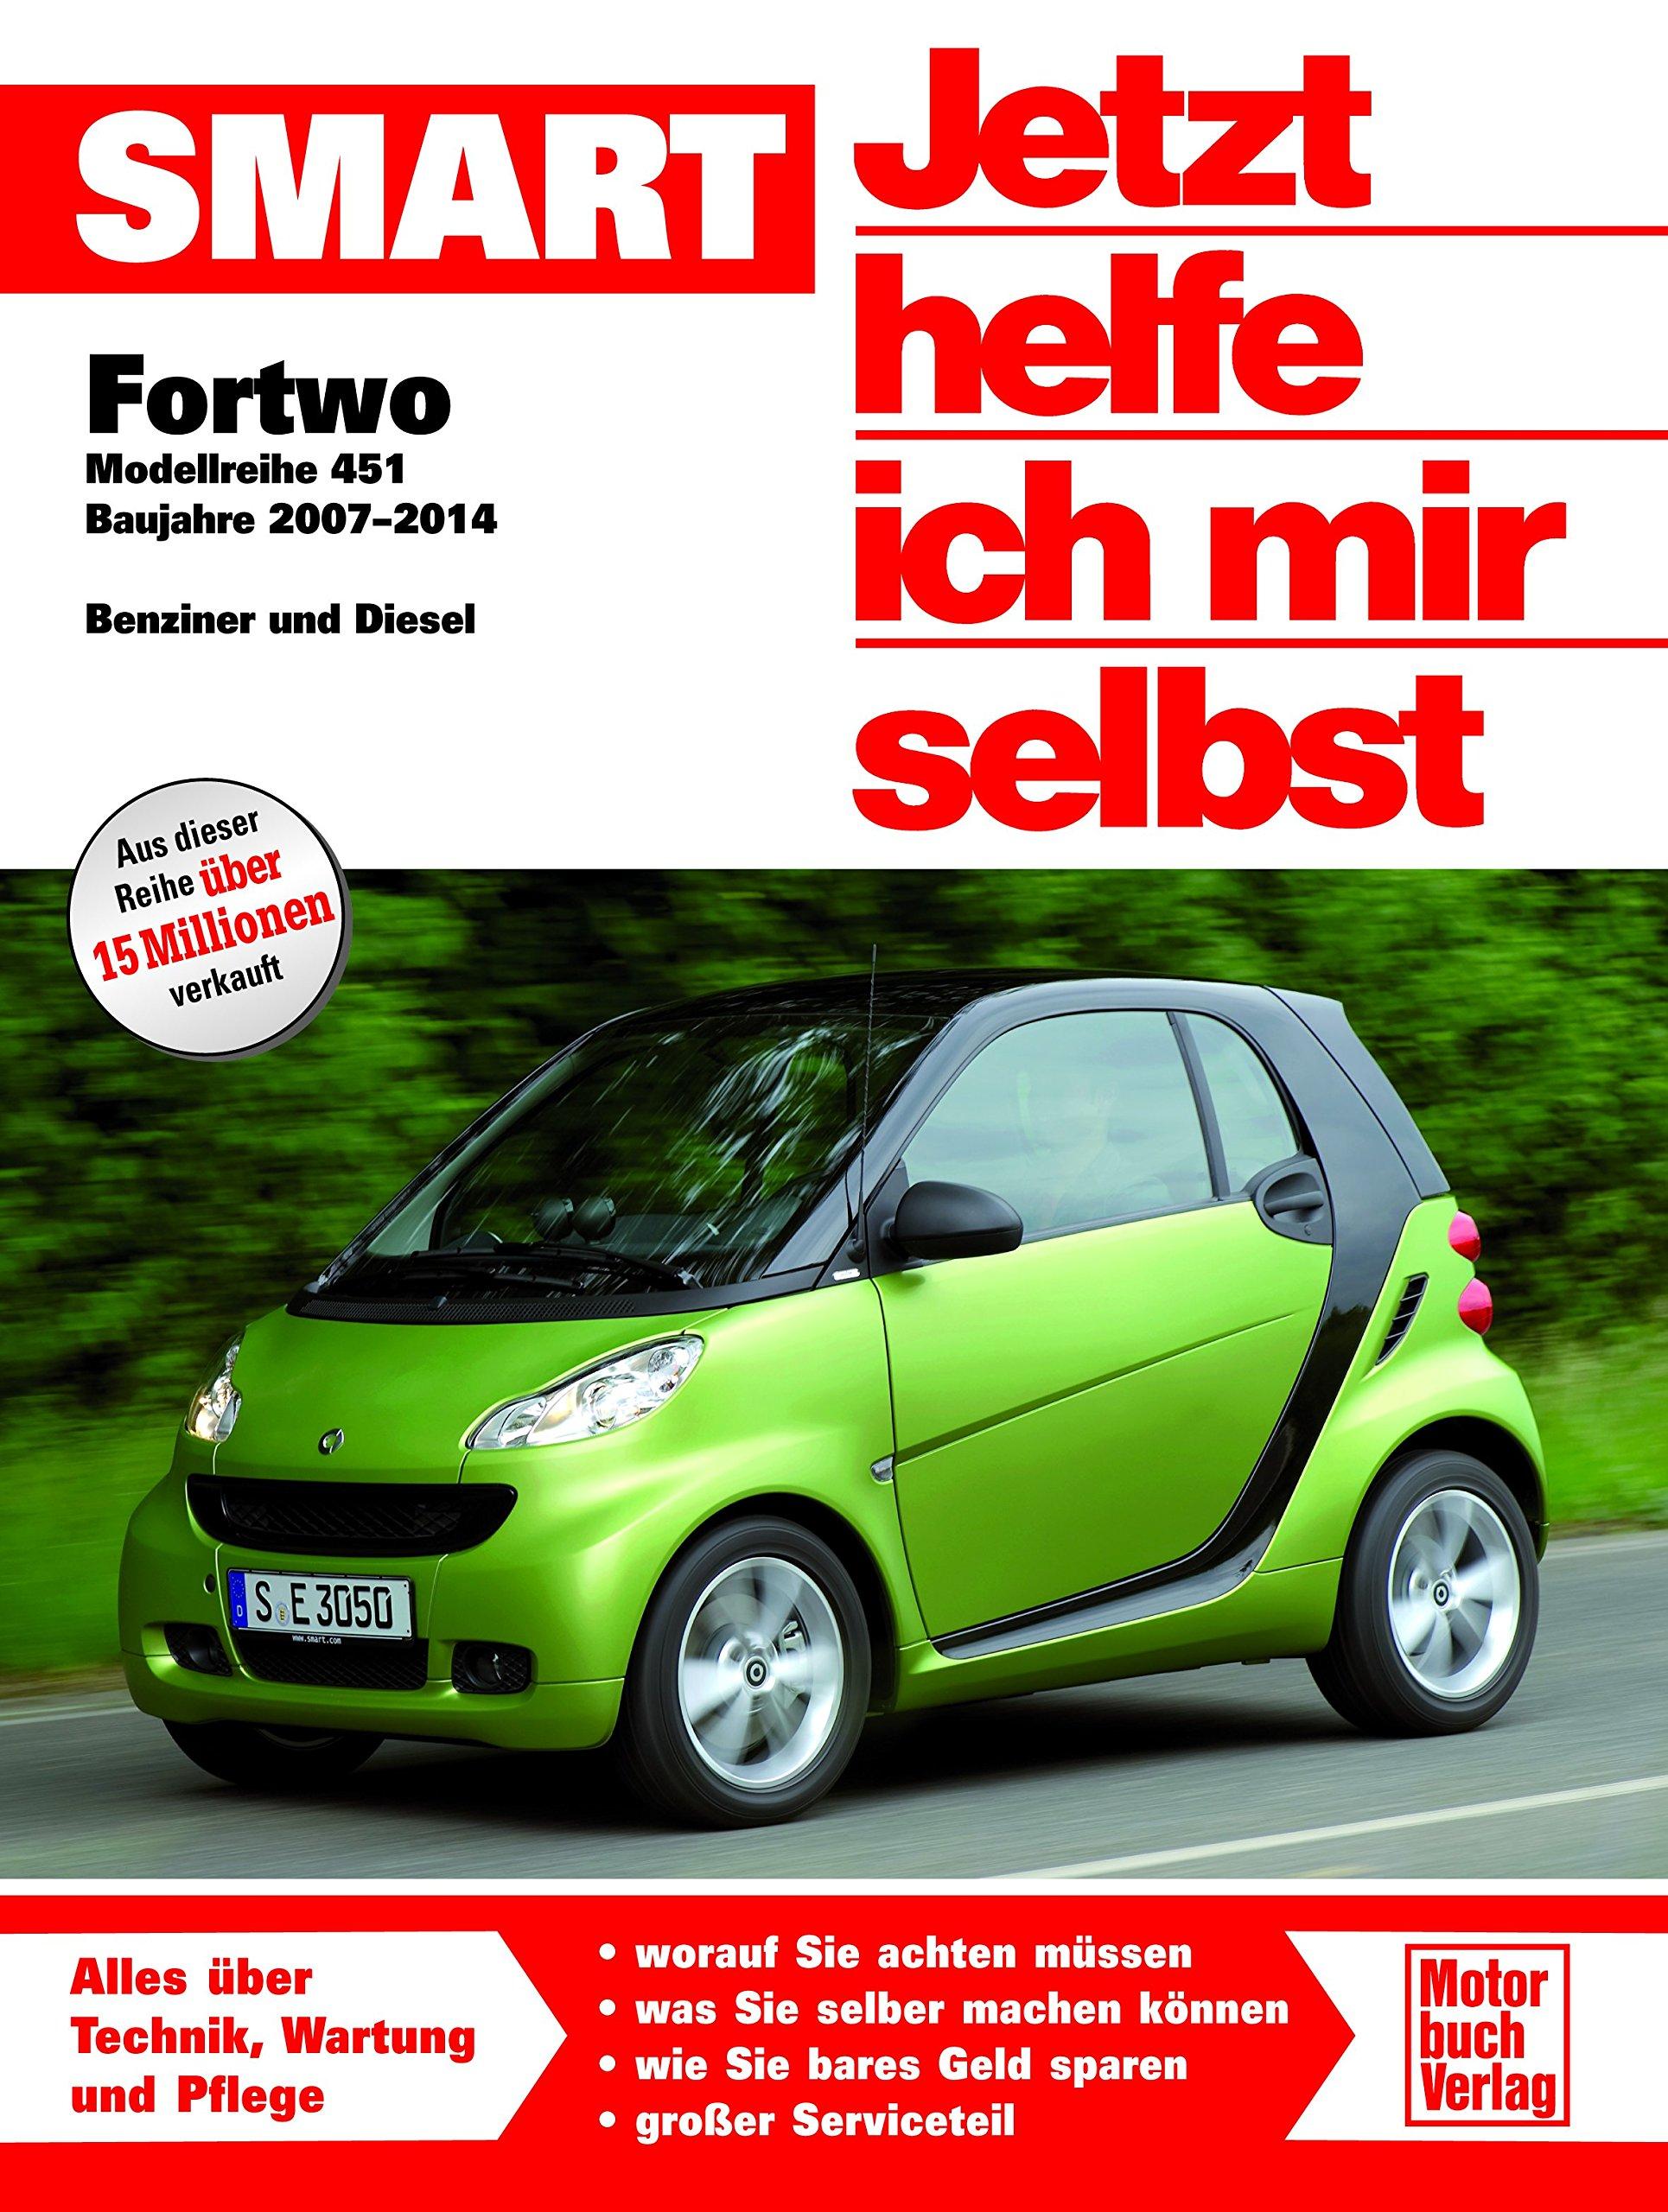 Smart Fortwo 451 Jetzt Helfe Ich Mir Selbst Korp Dieter Bücher